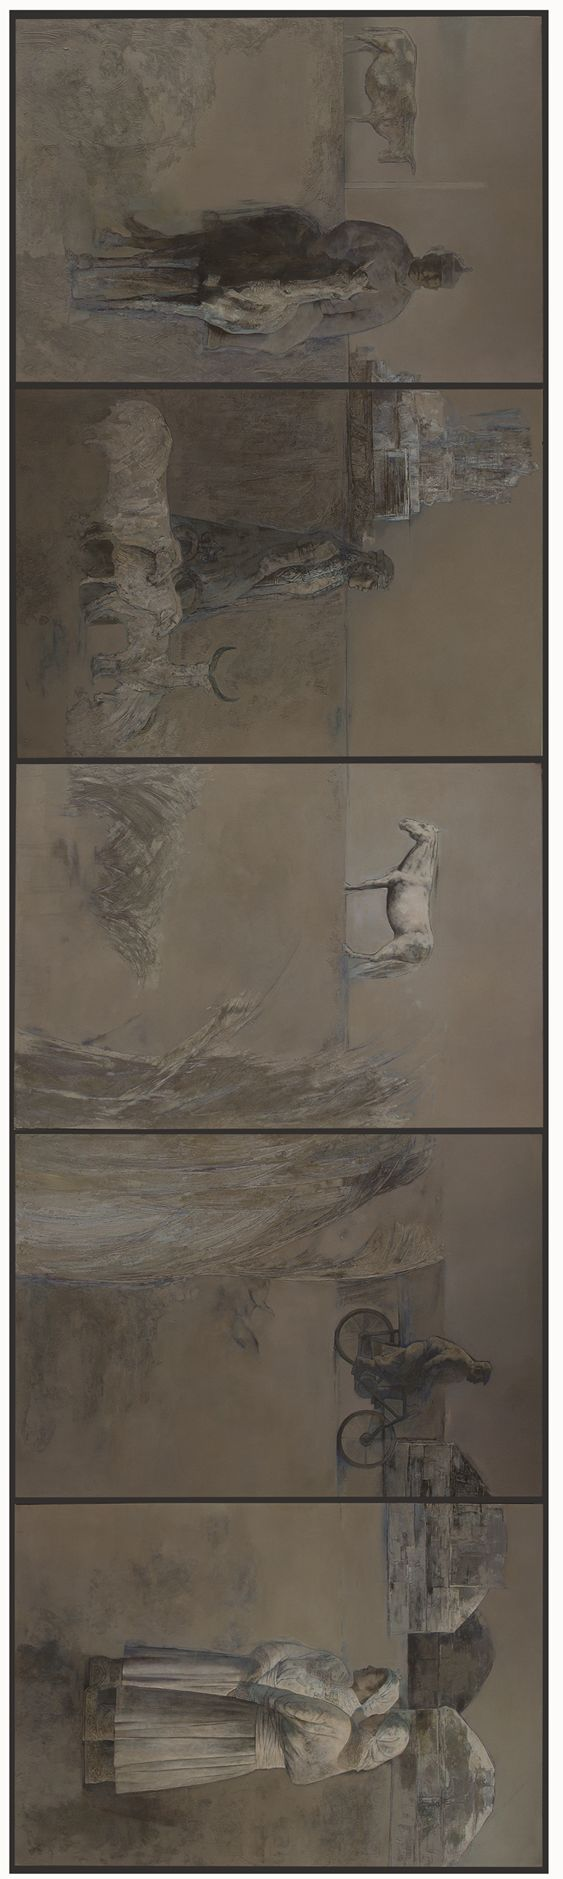 蒙古族画家达林太作品欣赏 第4张